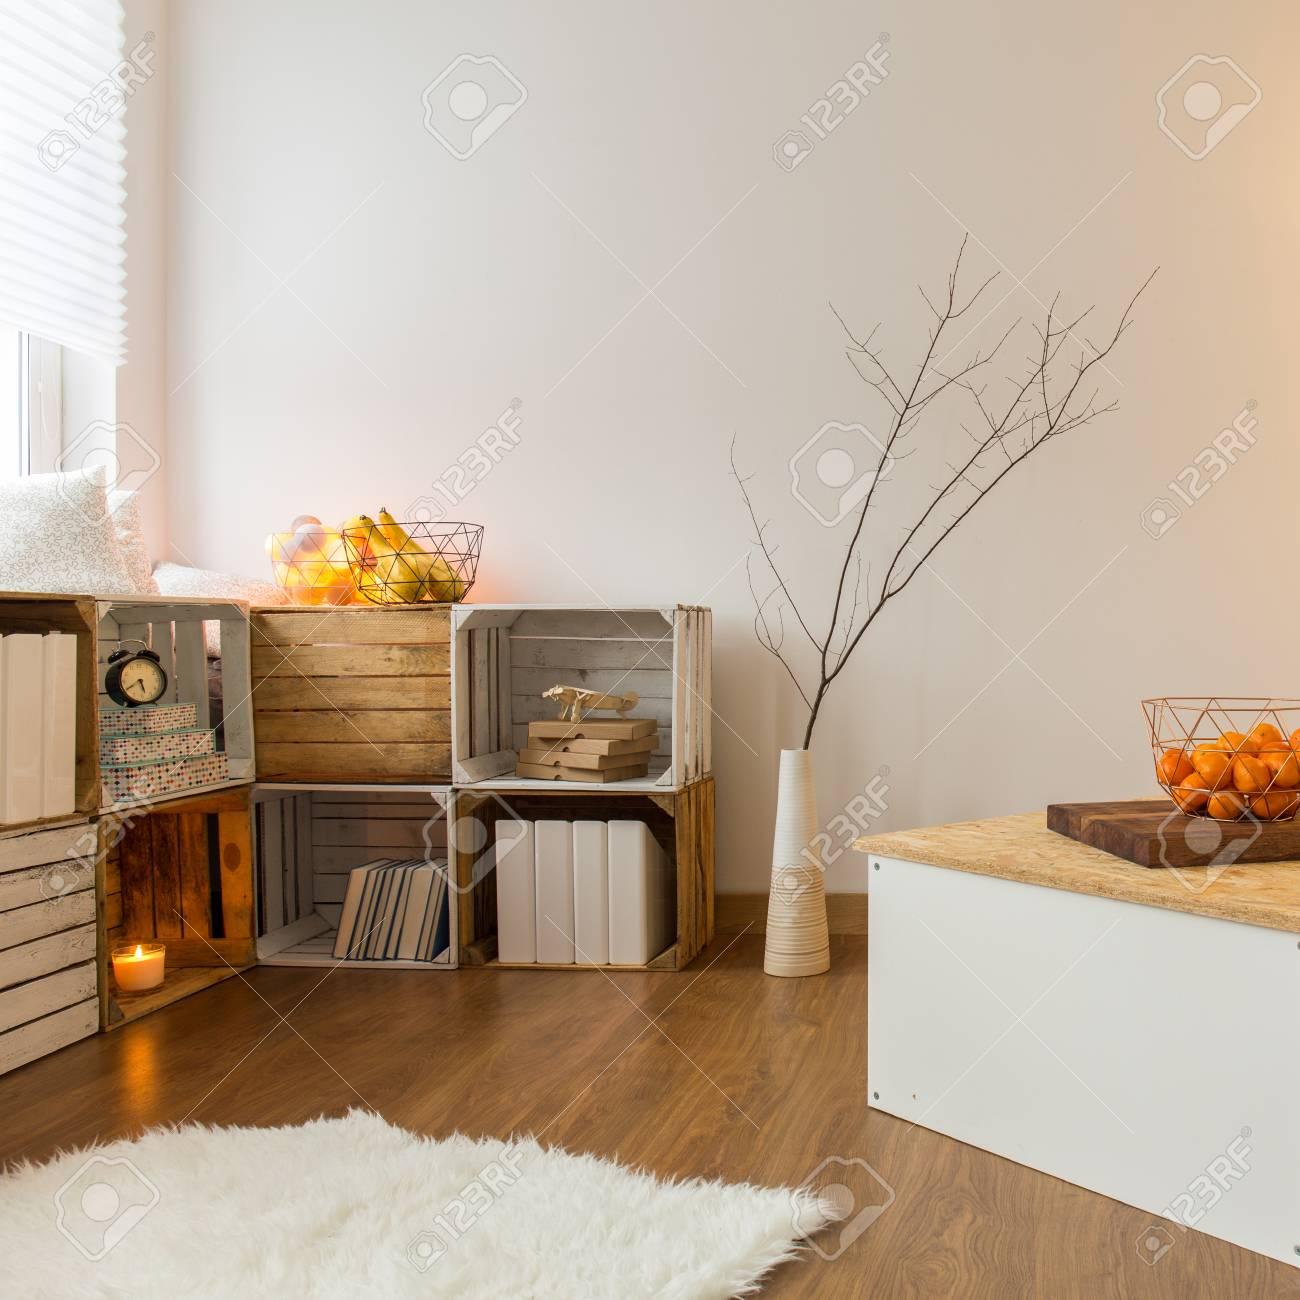 AuBergewohnlich Standard Bild   Warme Wohnzimmer Im Modernen Stil Mit Handgefertigten  Möbeln Und Weißen Sofa